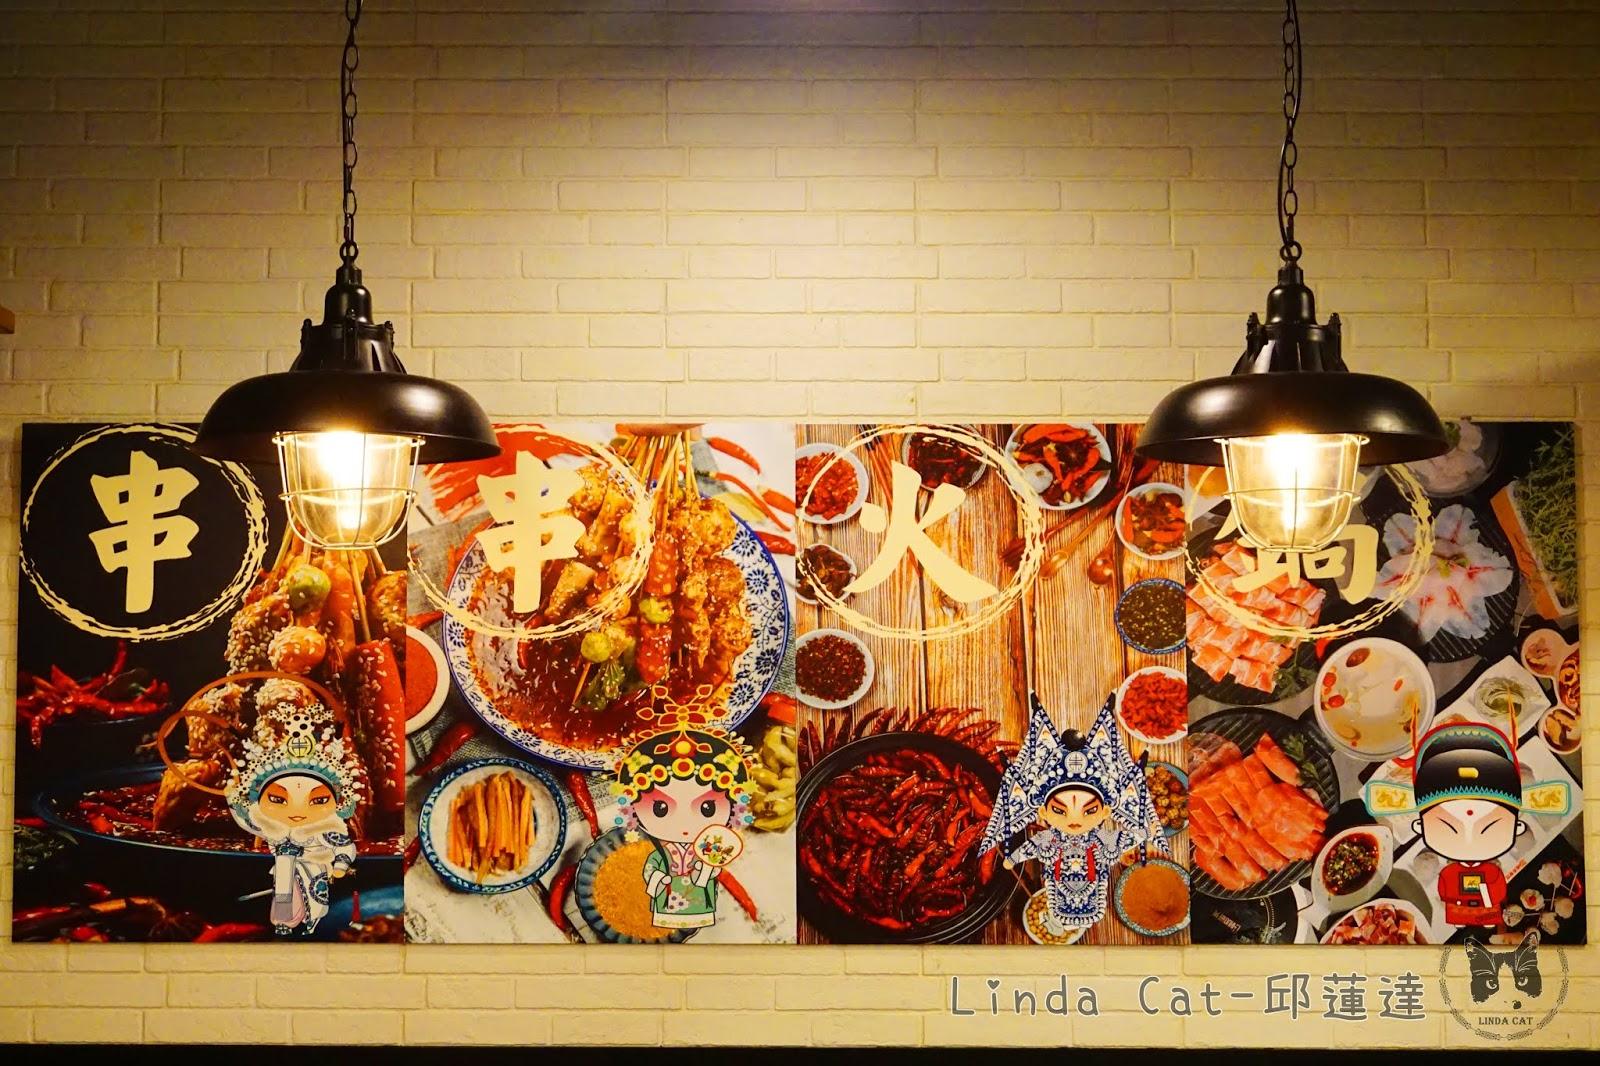 飲飲食食 – Linda Cat 邱蓮達